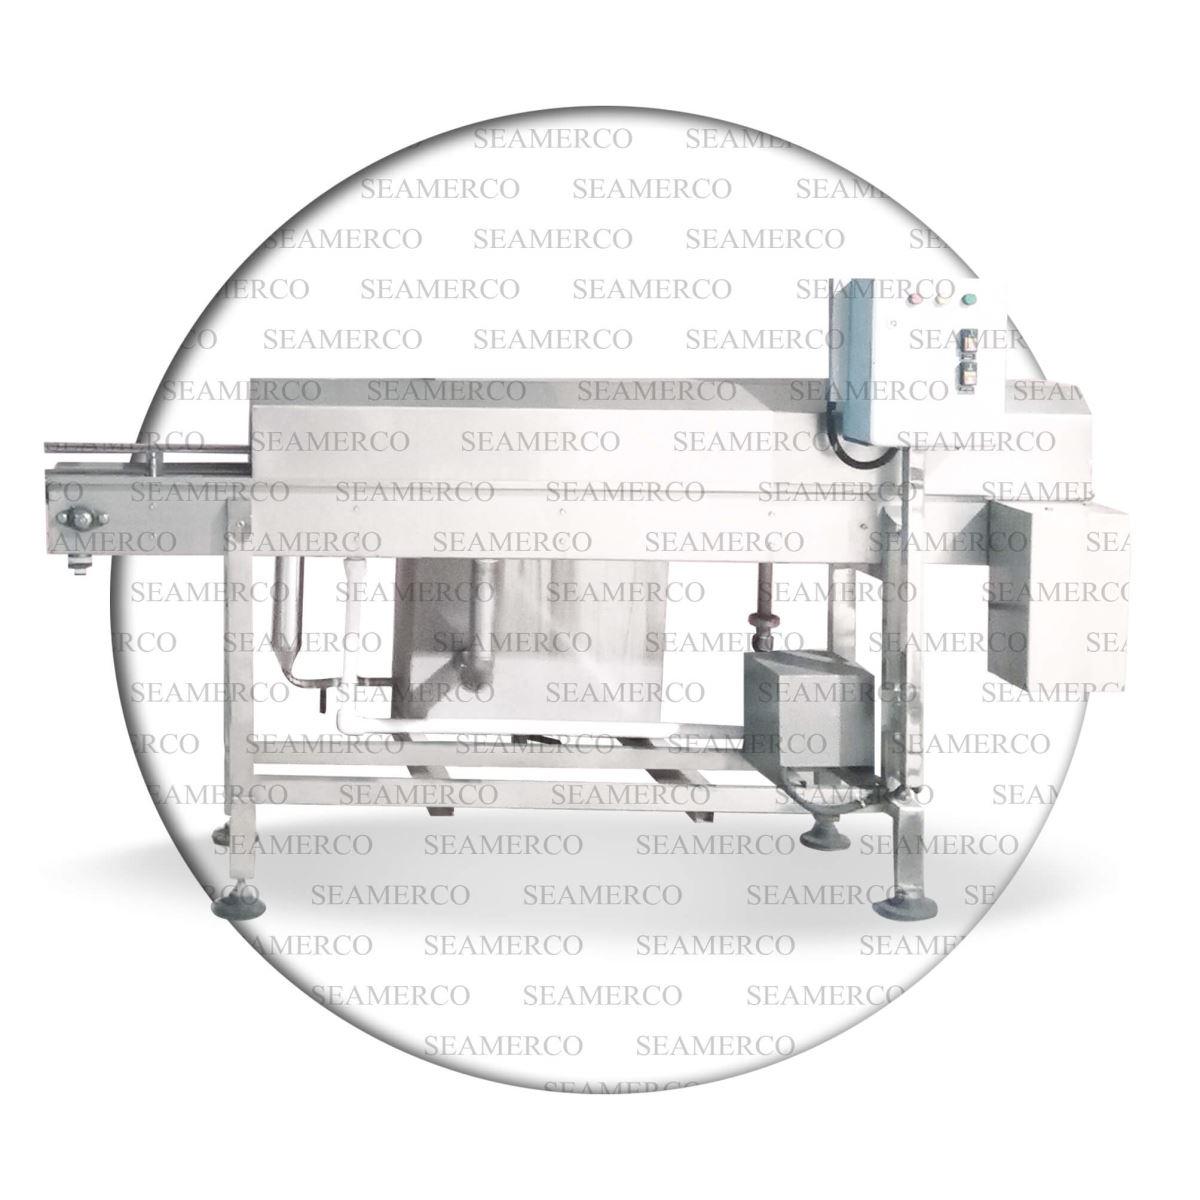 دستگاه قوطی شور-قیمت دستگاه قوطی شور-خرید دستگاه قوطی شور-دستگاه شستشوی قوطی